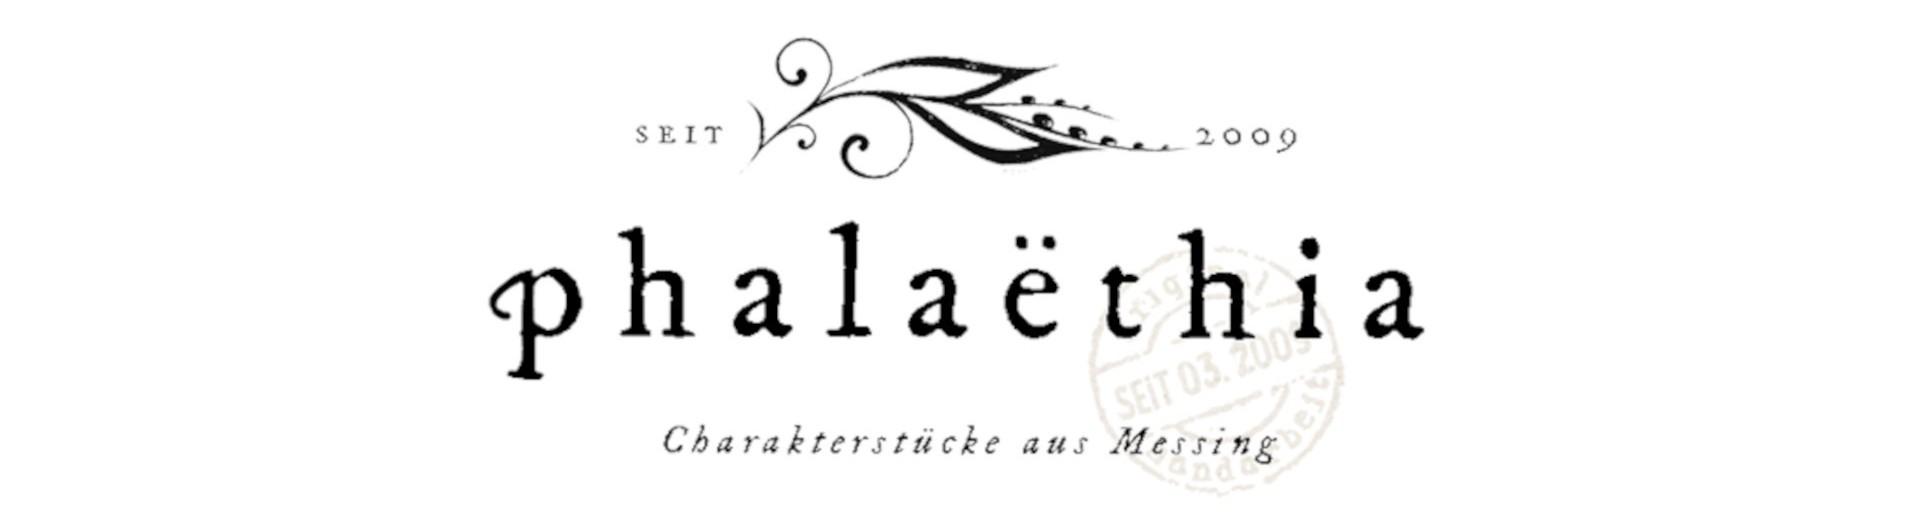 Phalaethia